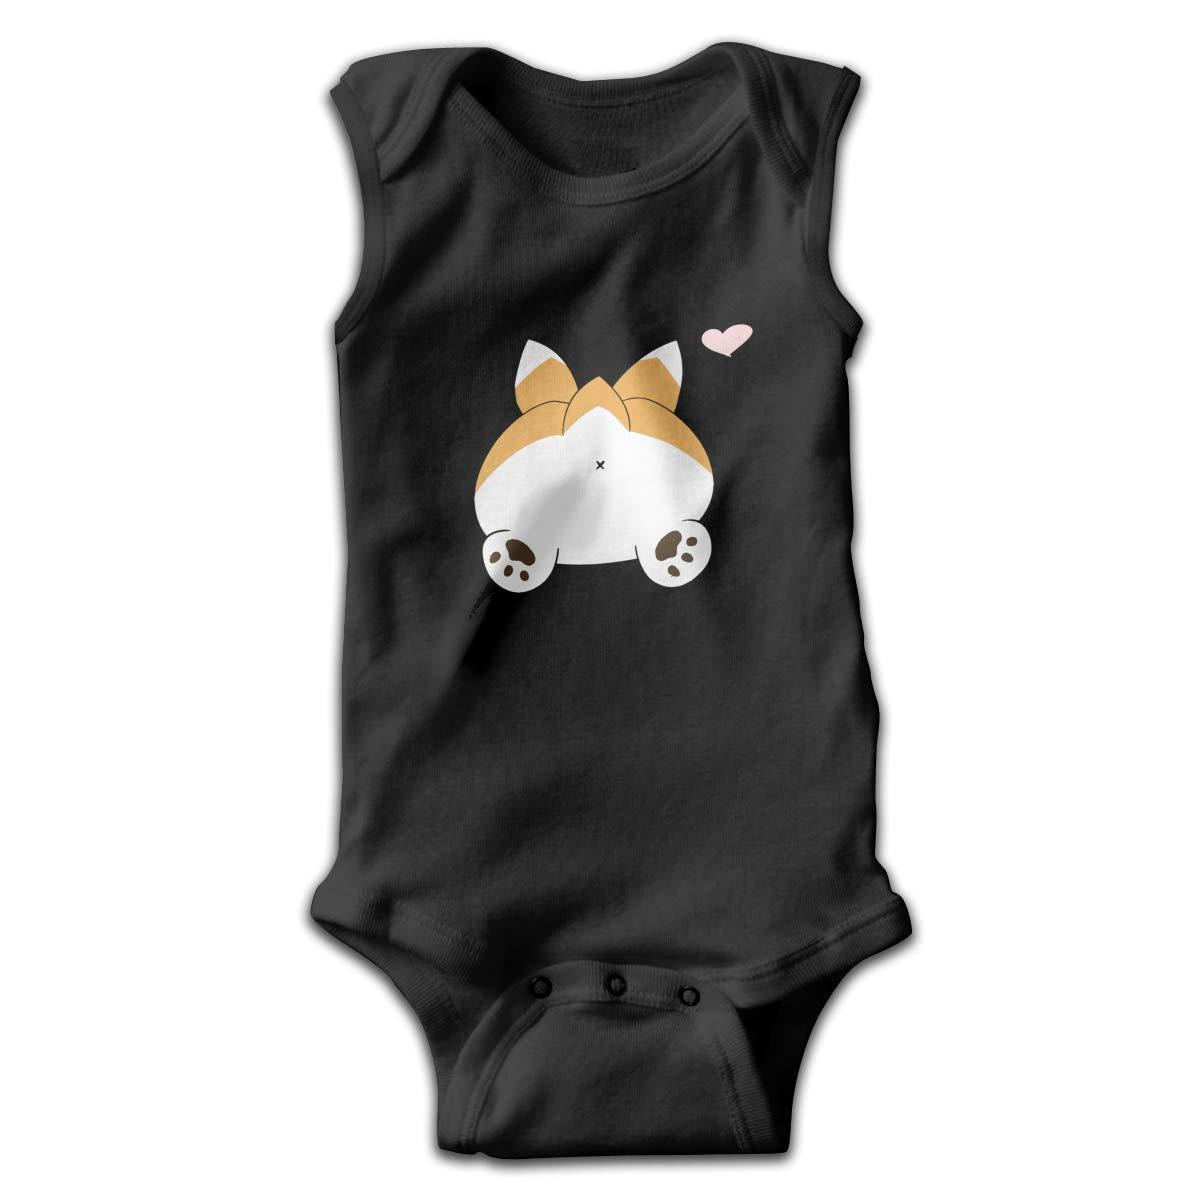 Corgi Butt Plain Smalls Baby Onesie,Infant Bodysuit Black